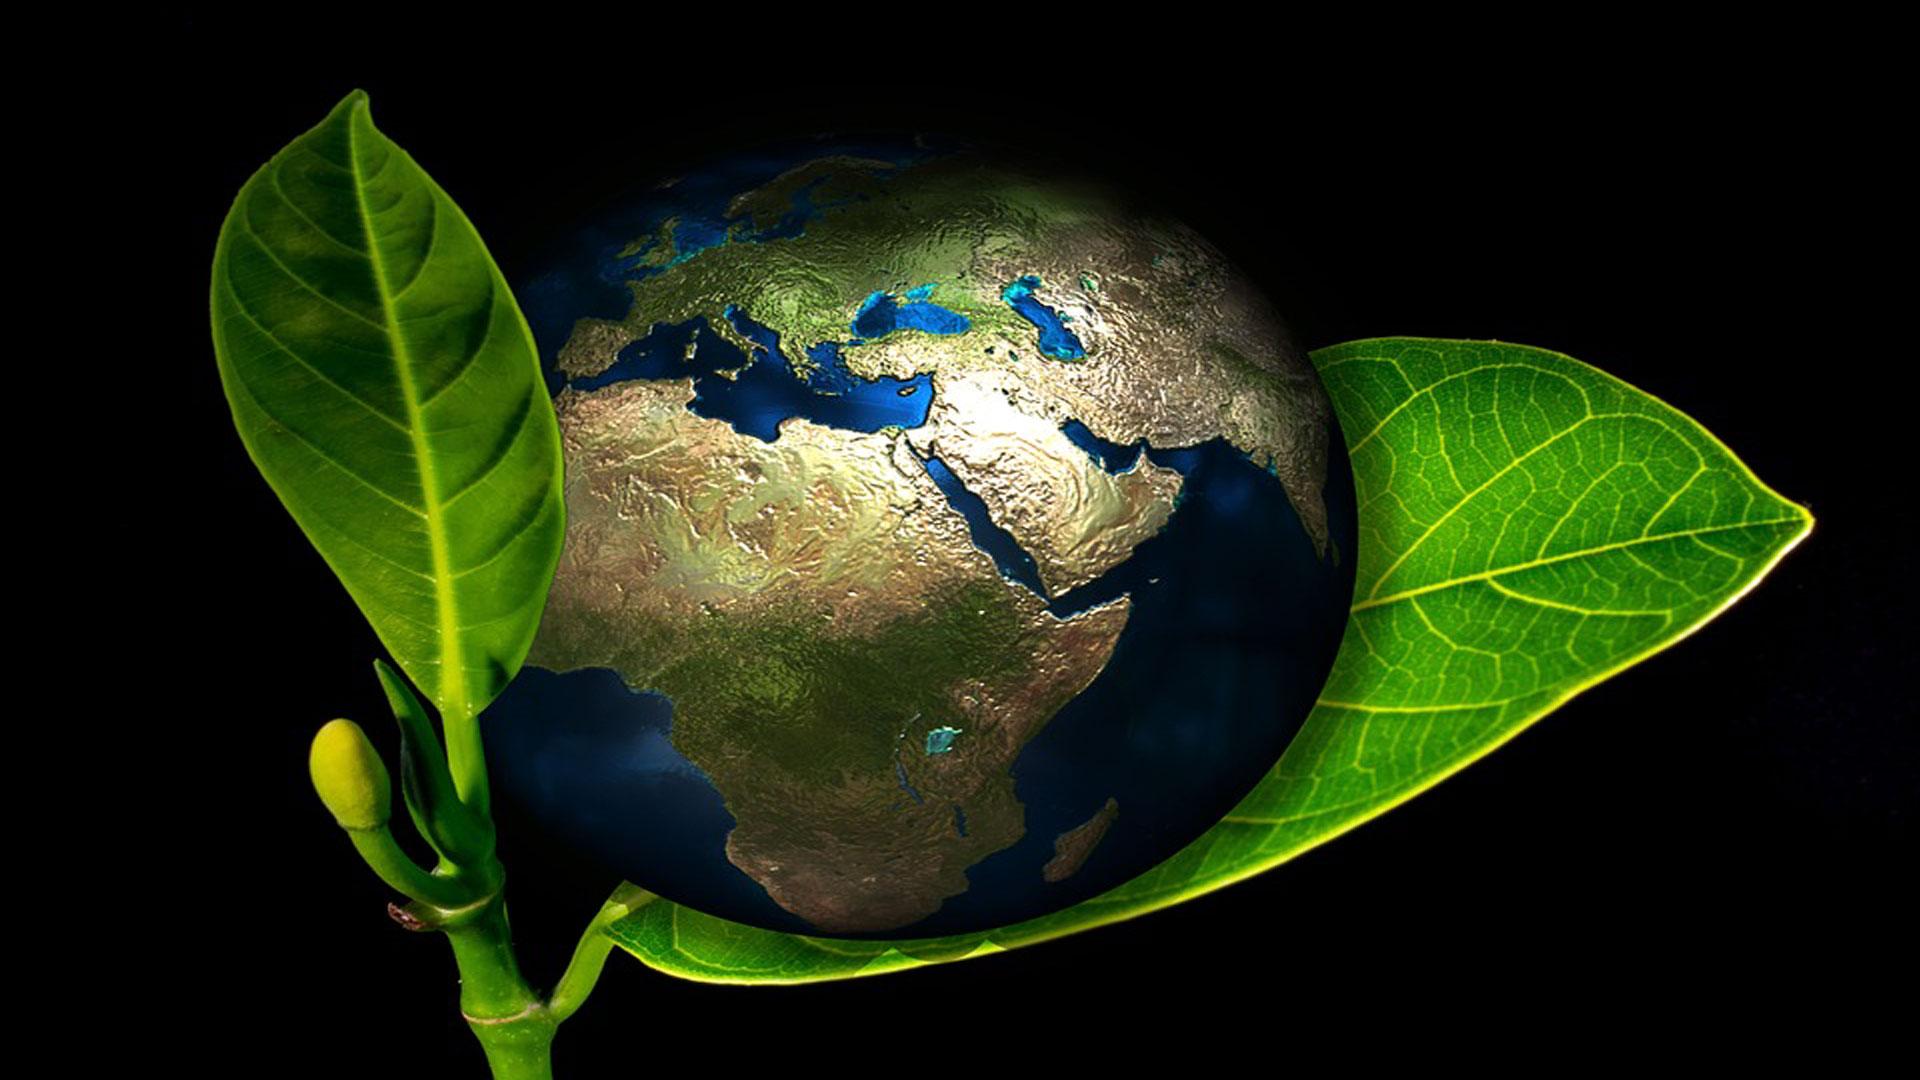 Día-de-la-Tierra,-una-celebración-para-concienciar-sobre-la-eficiencia-energética-1920